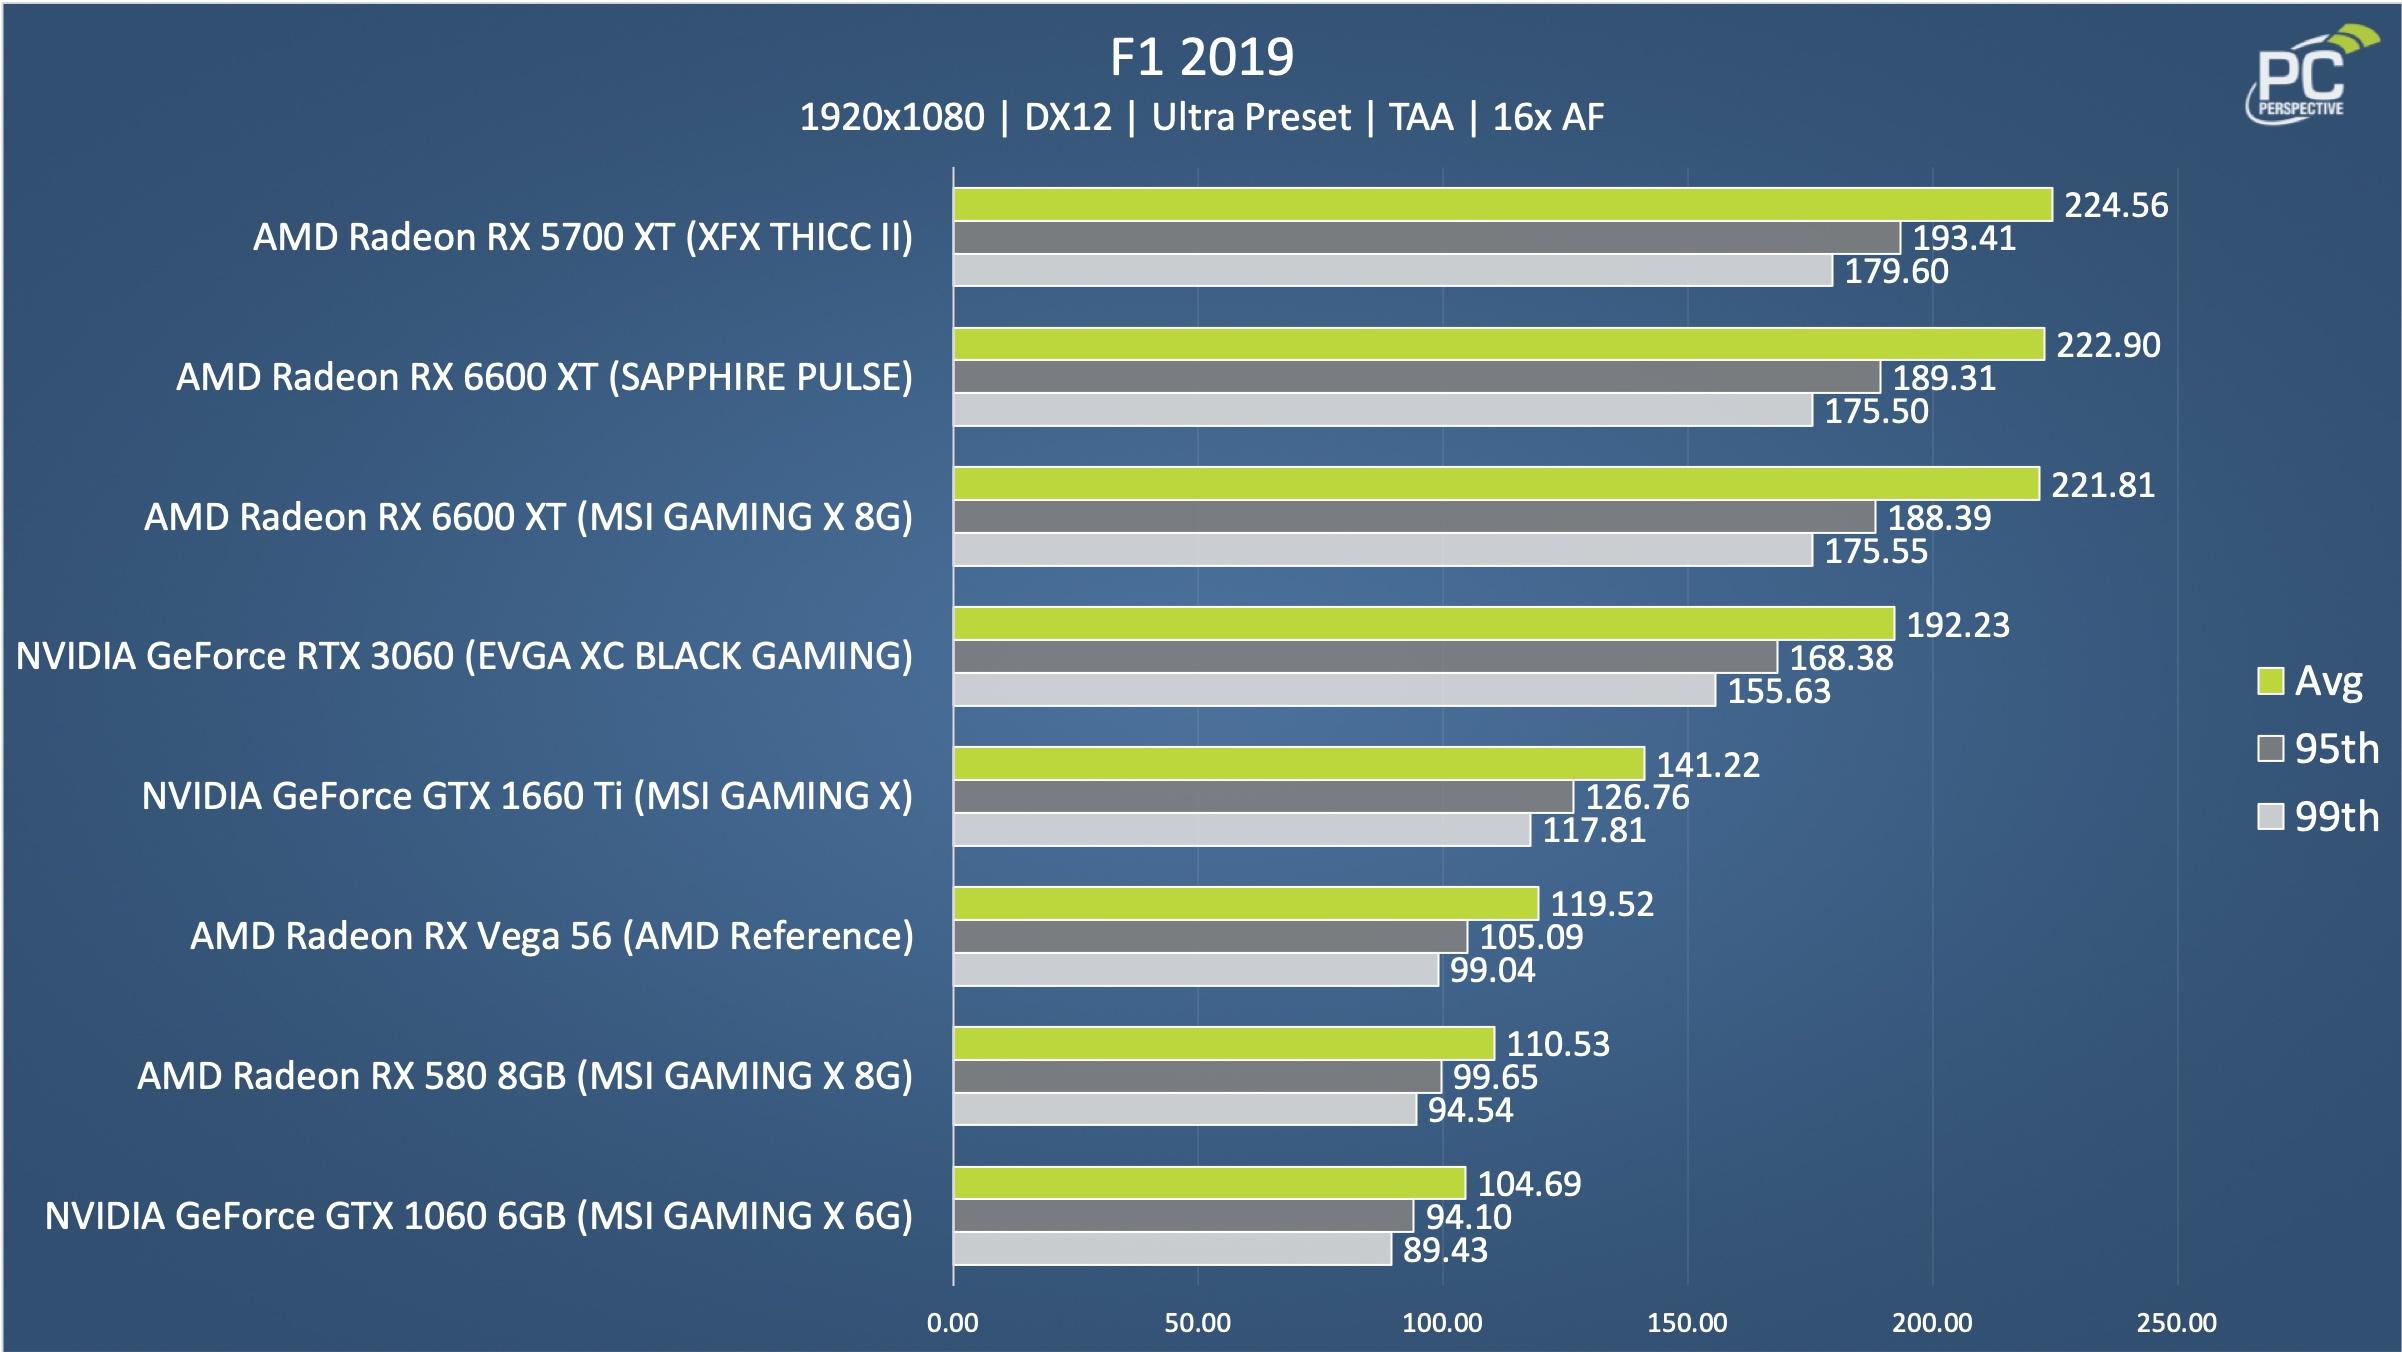 Sapphire Pulse AMD Radeon RX 6600 XT OC 8GB F1 Chart